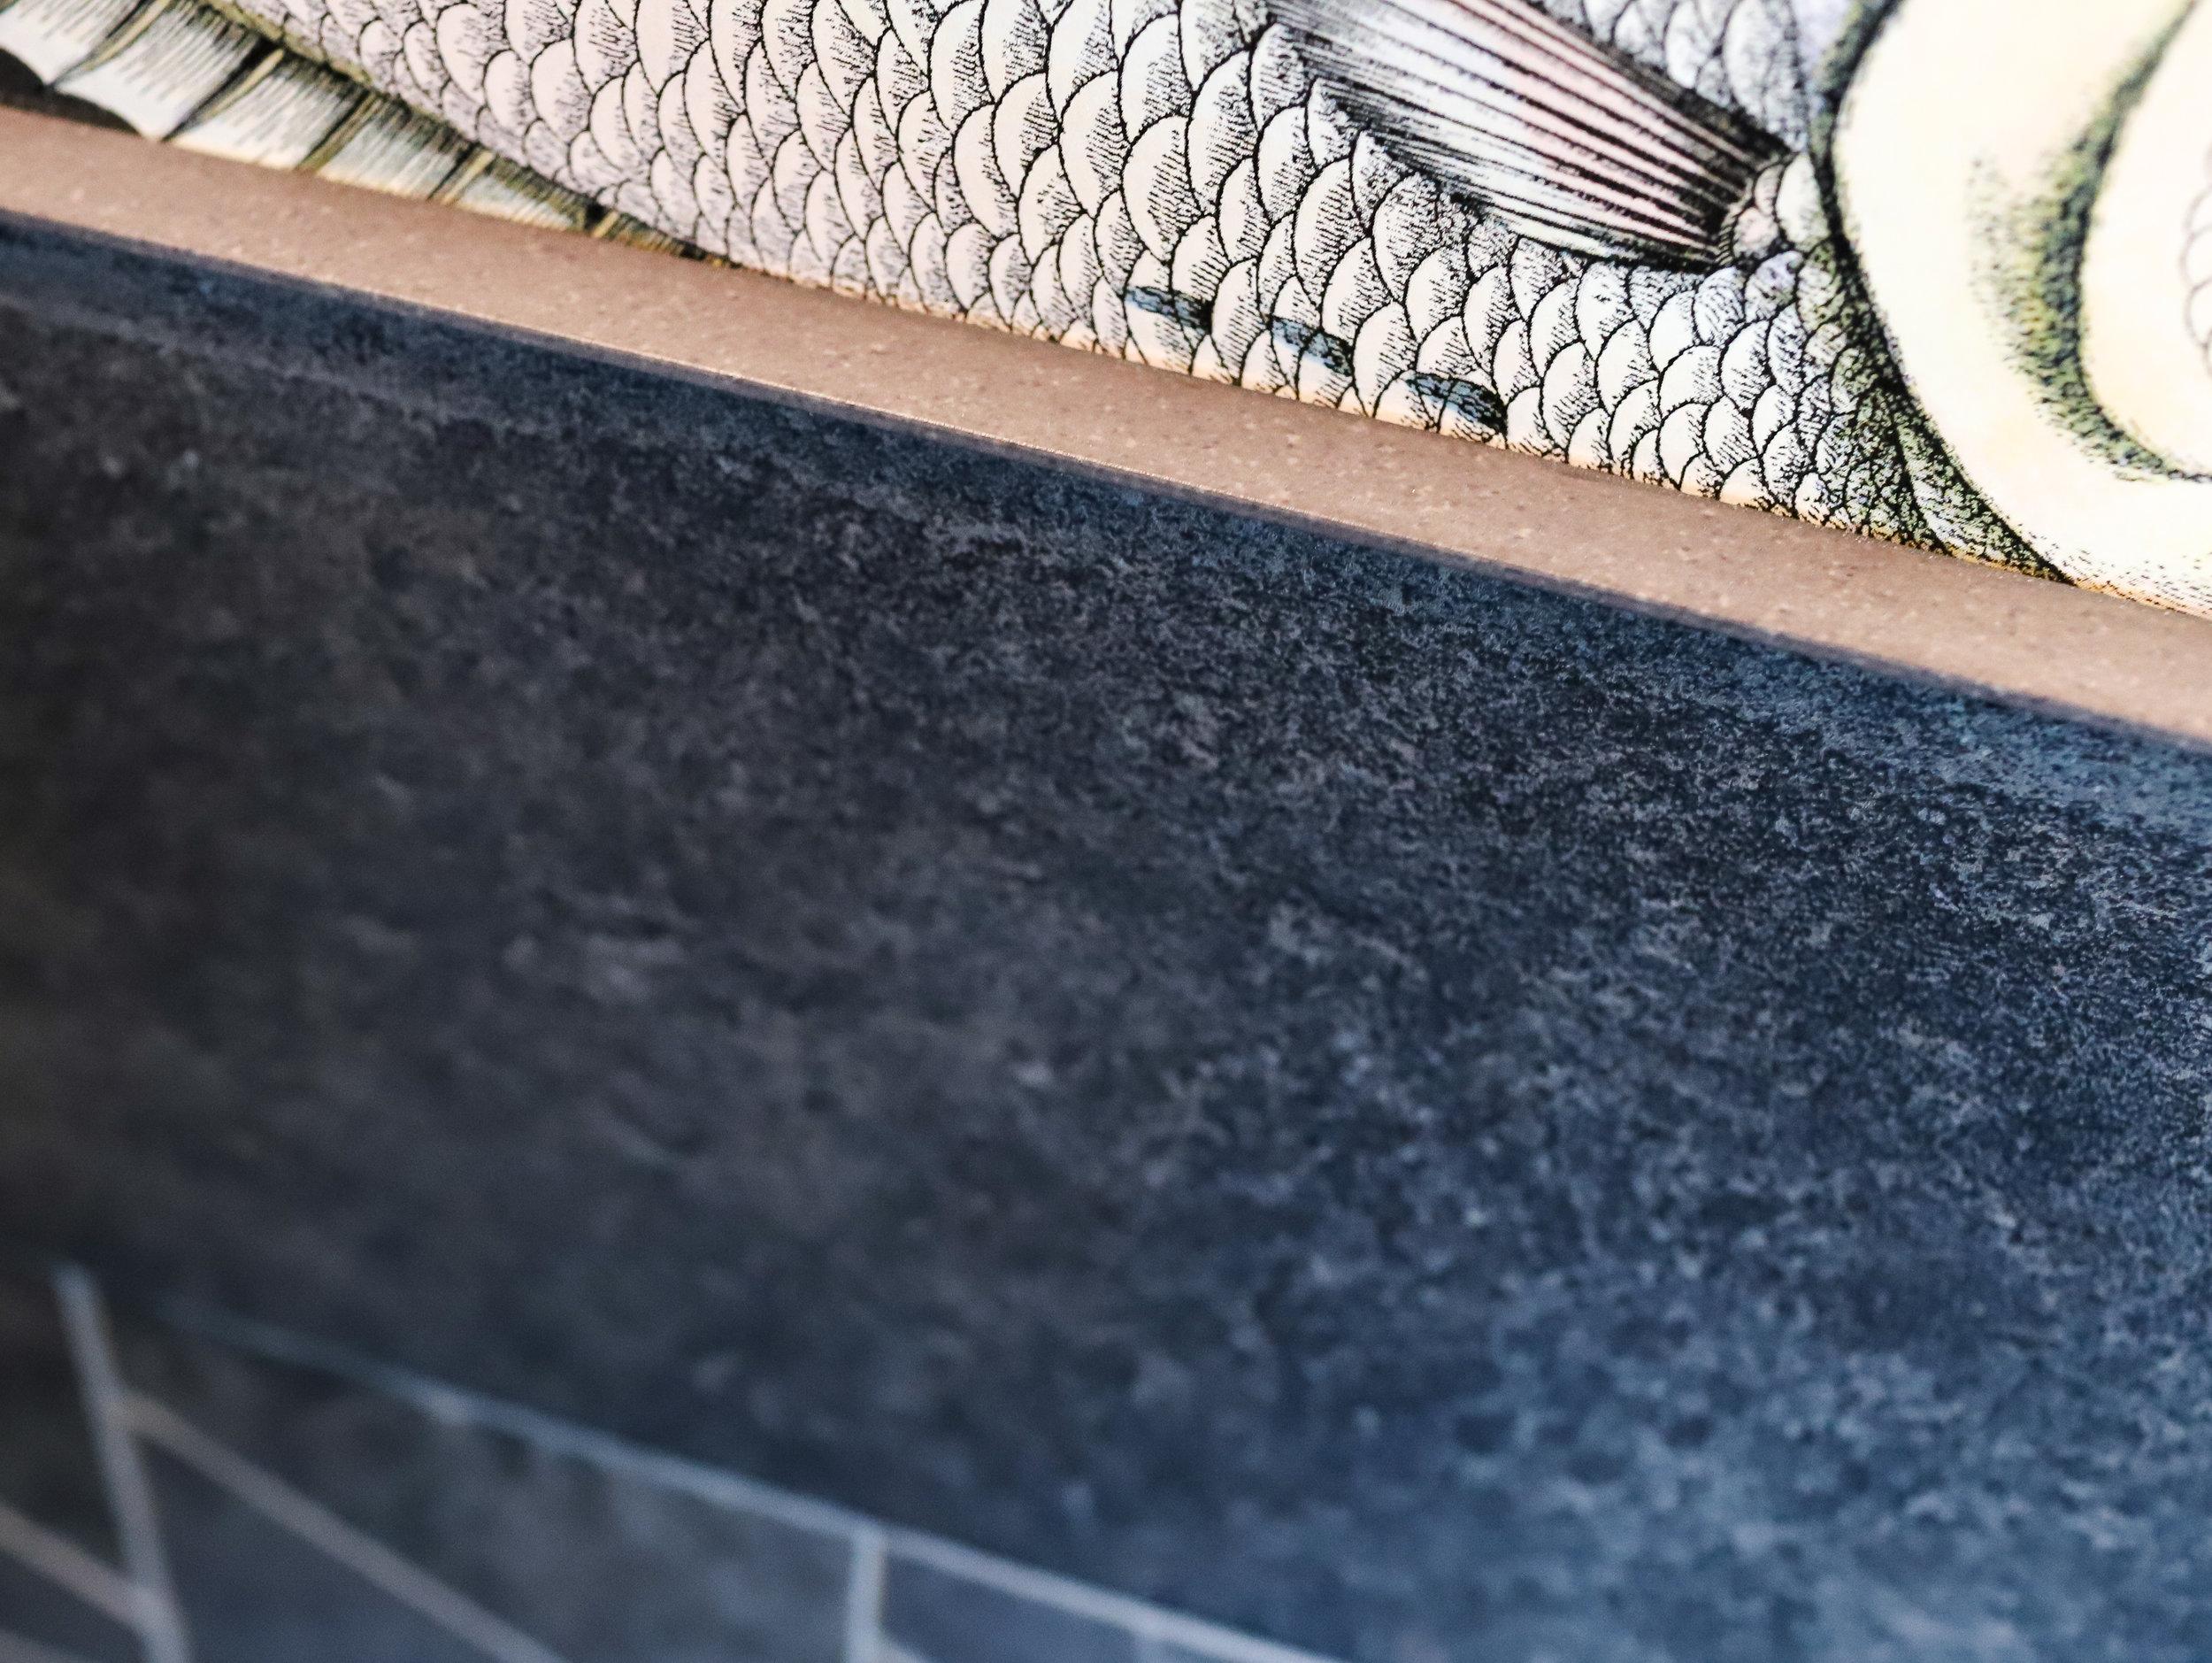 Staunton Topps Tiles, Cole and Son Fornasetti Wallpaper